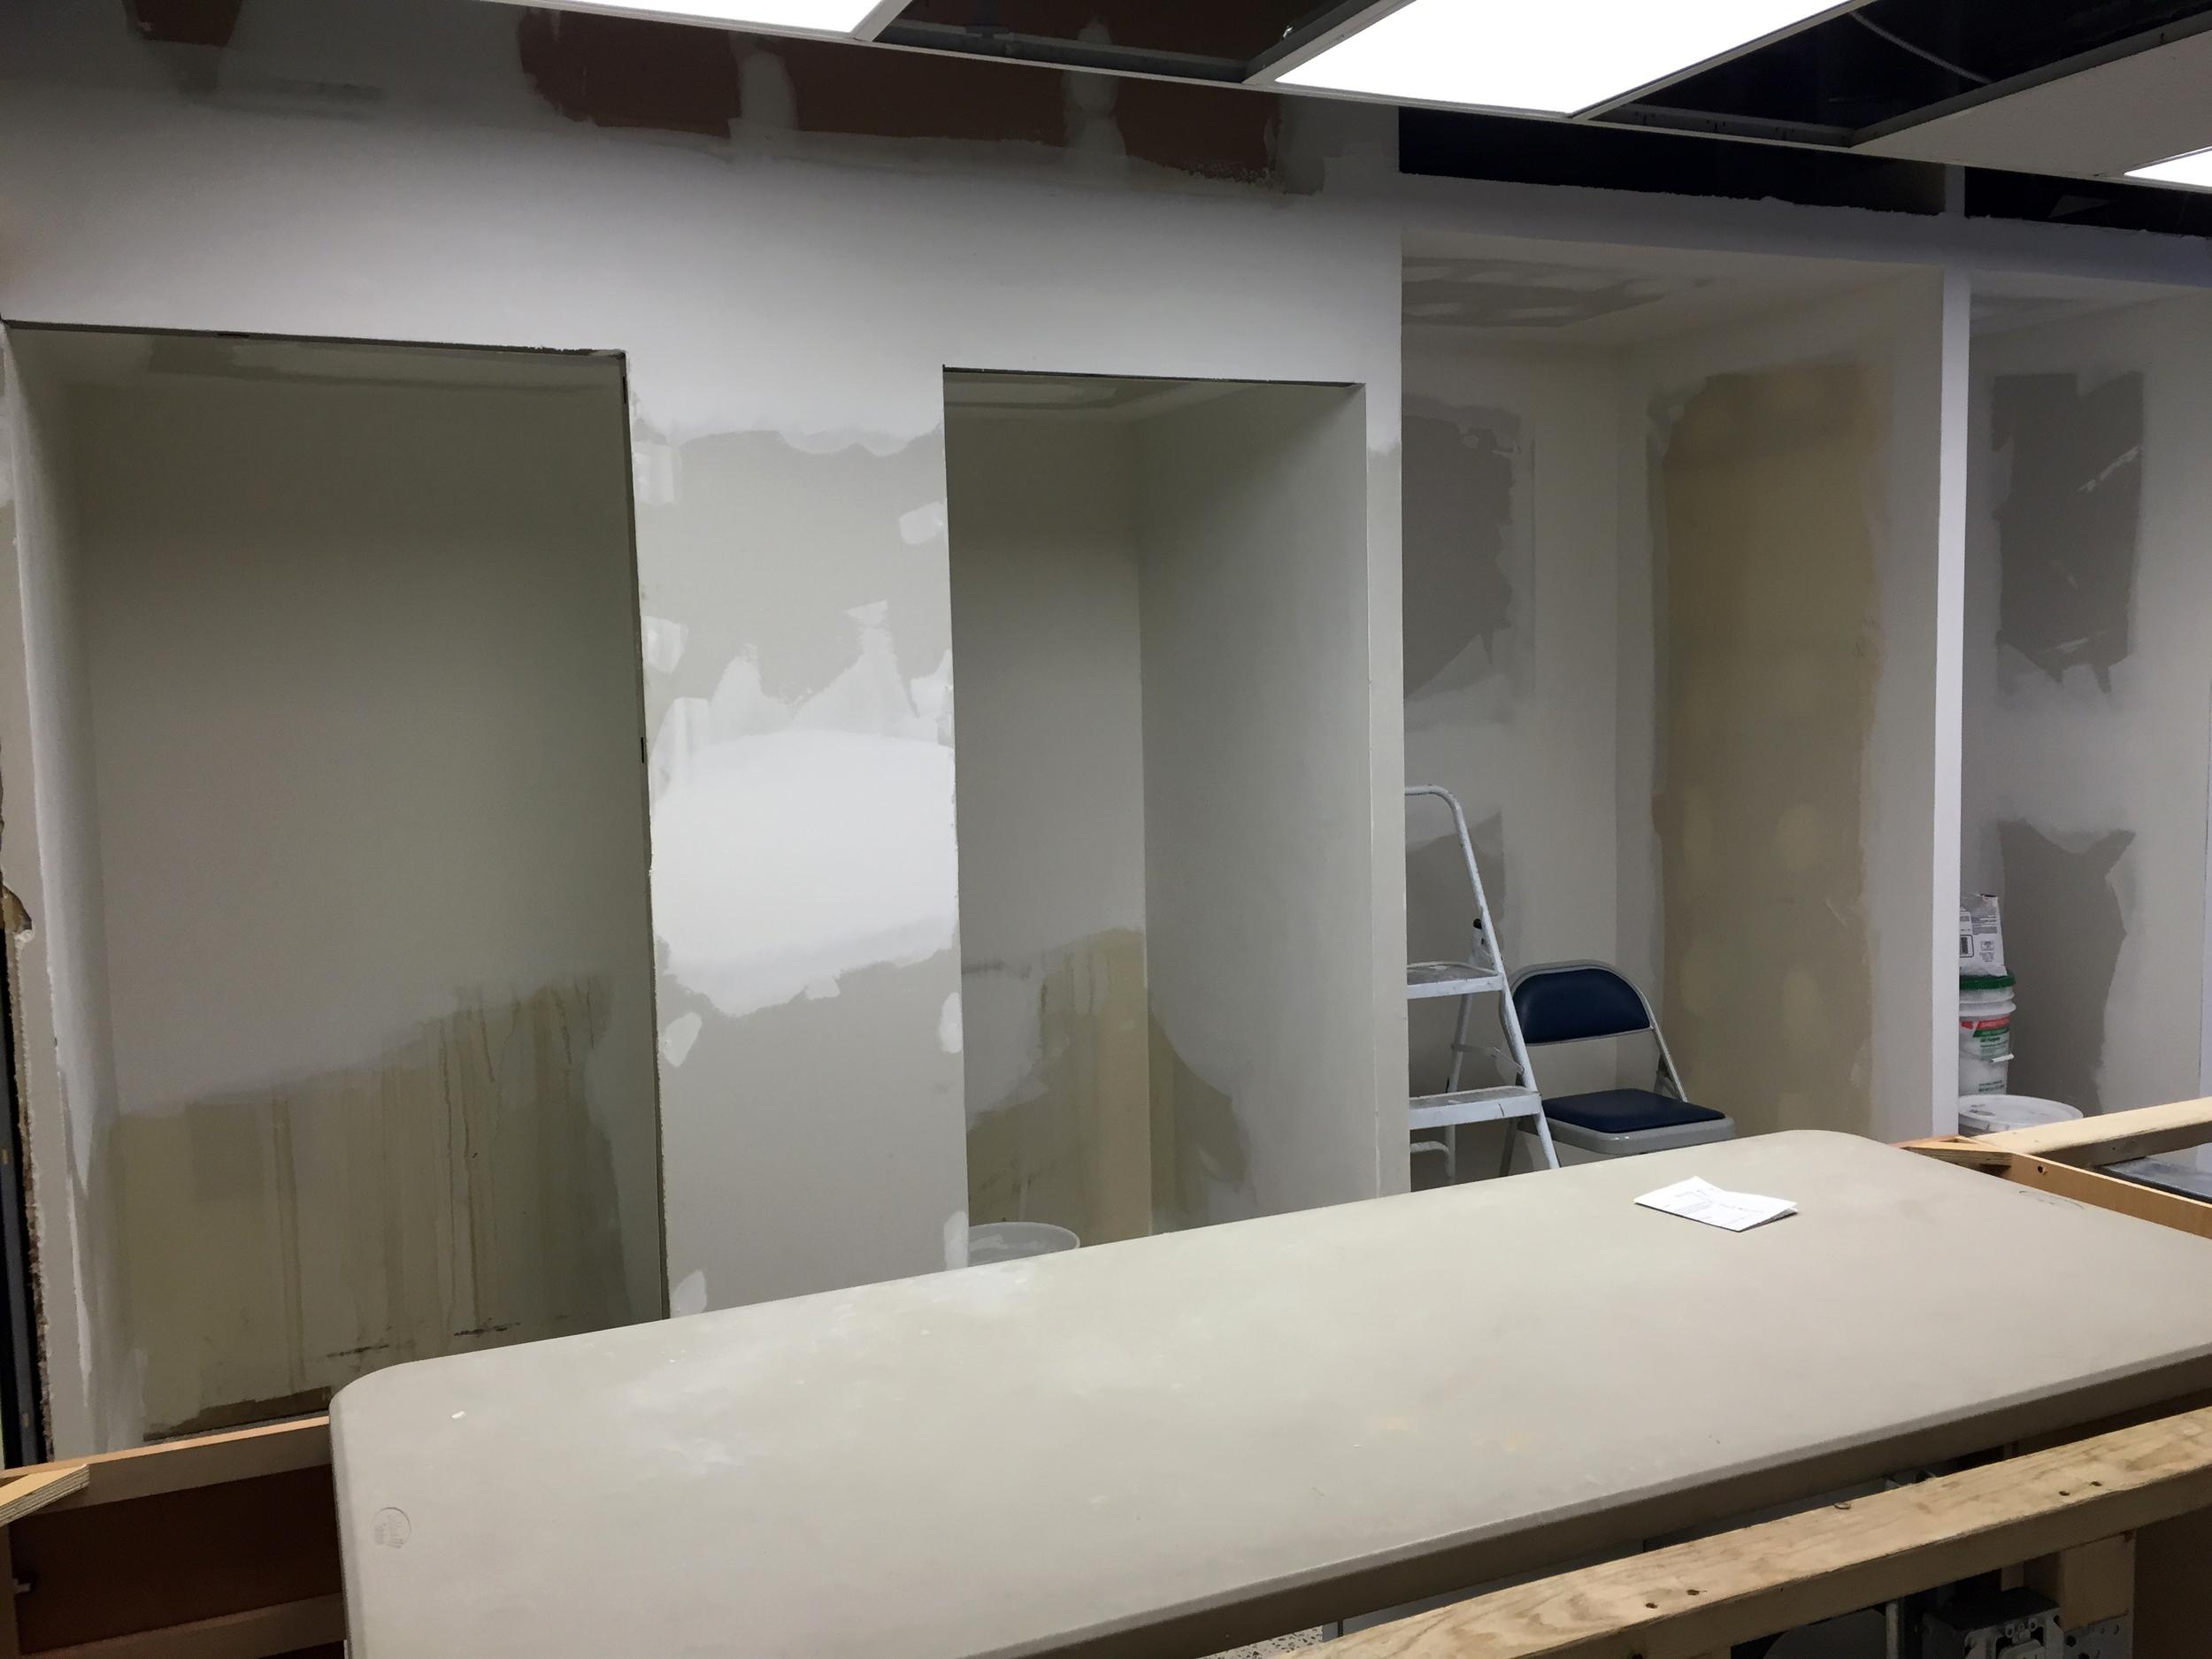 mcoc-kitchen-renovation-53.jpg